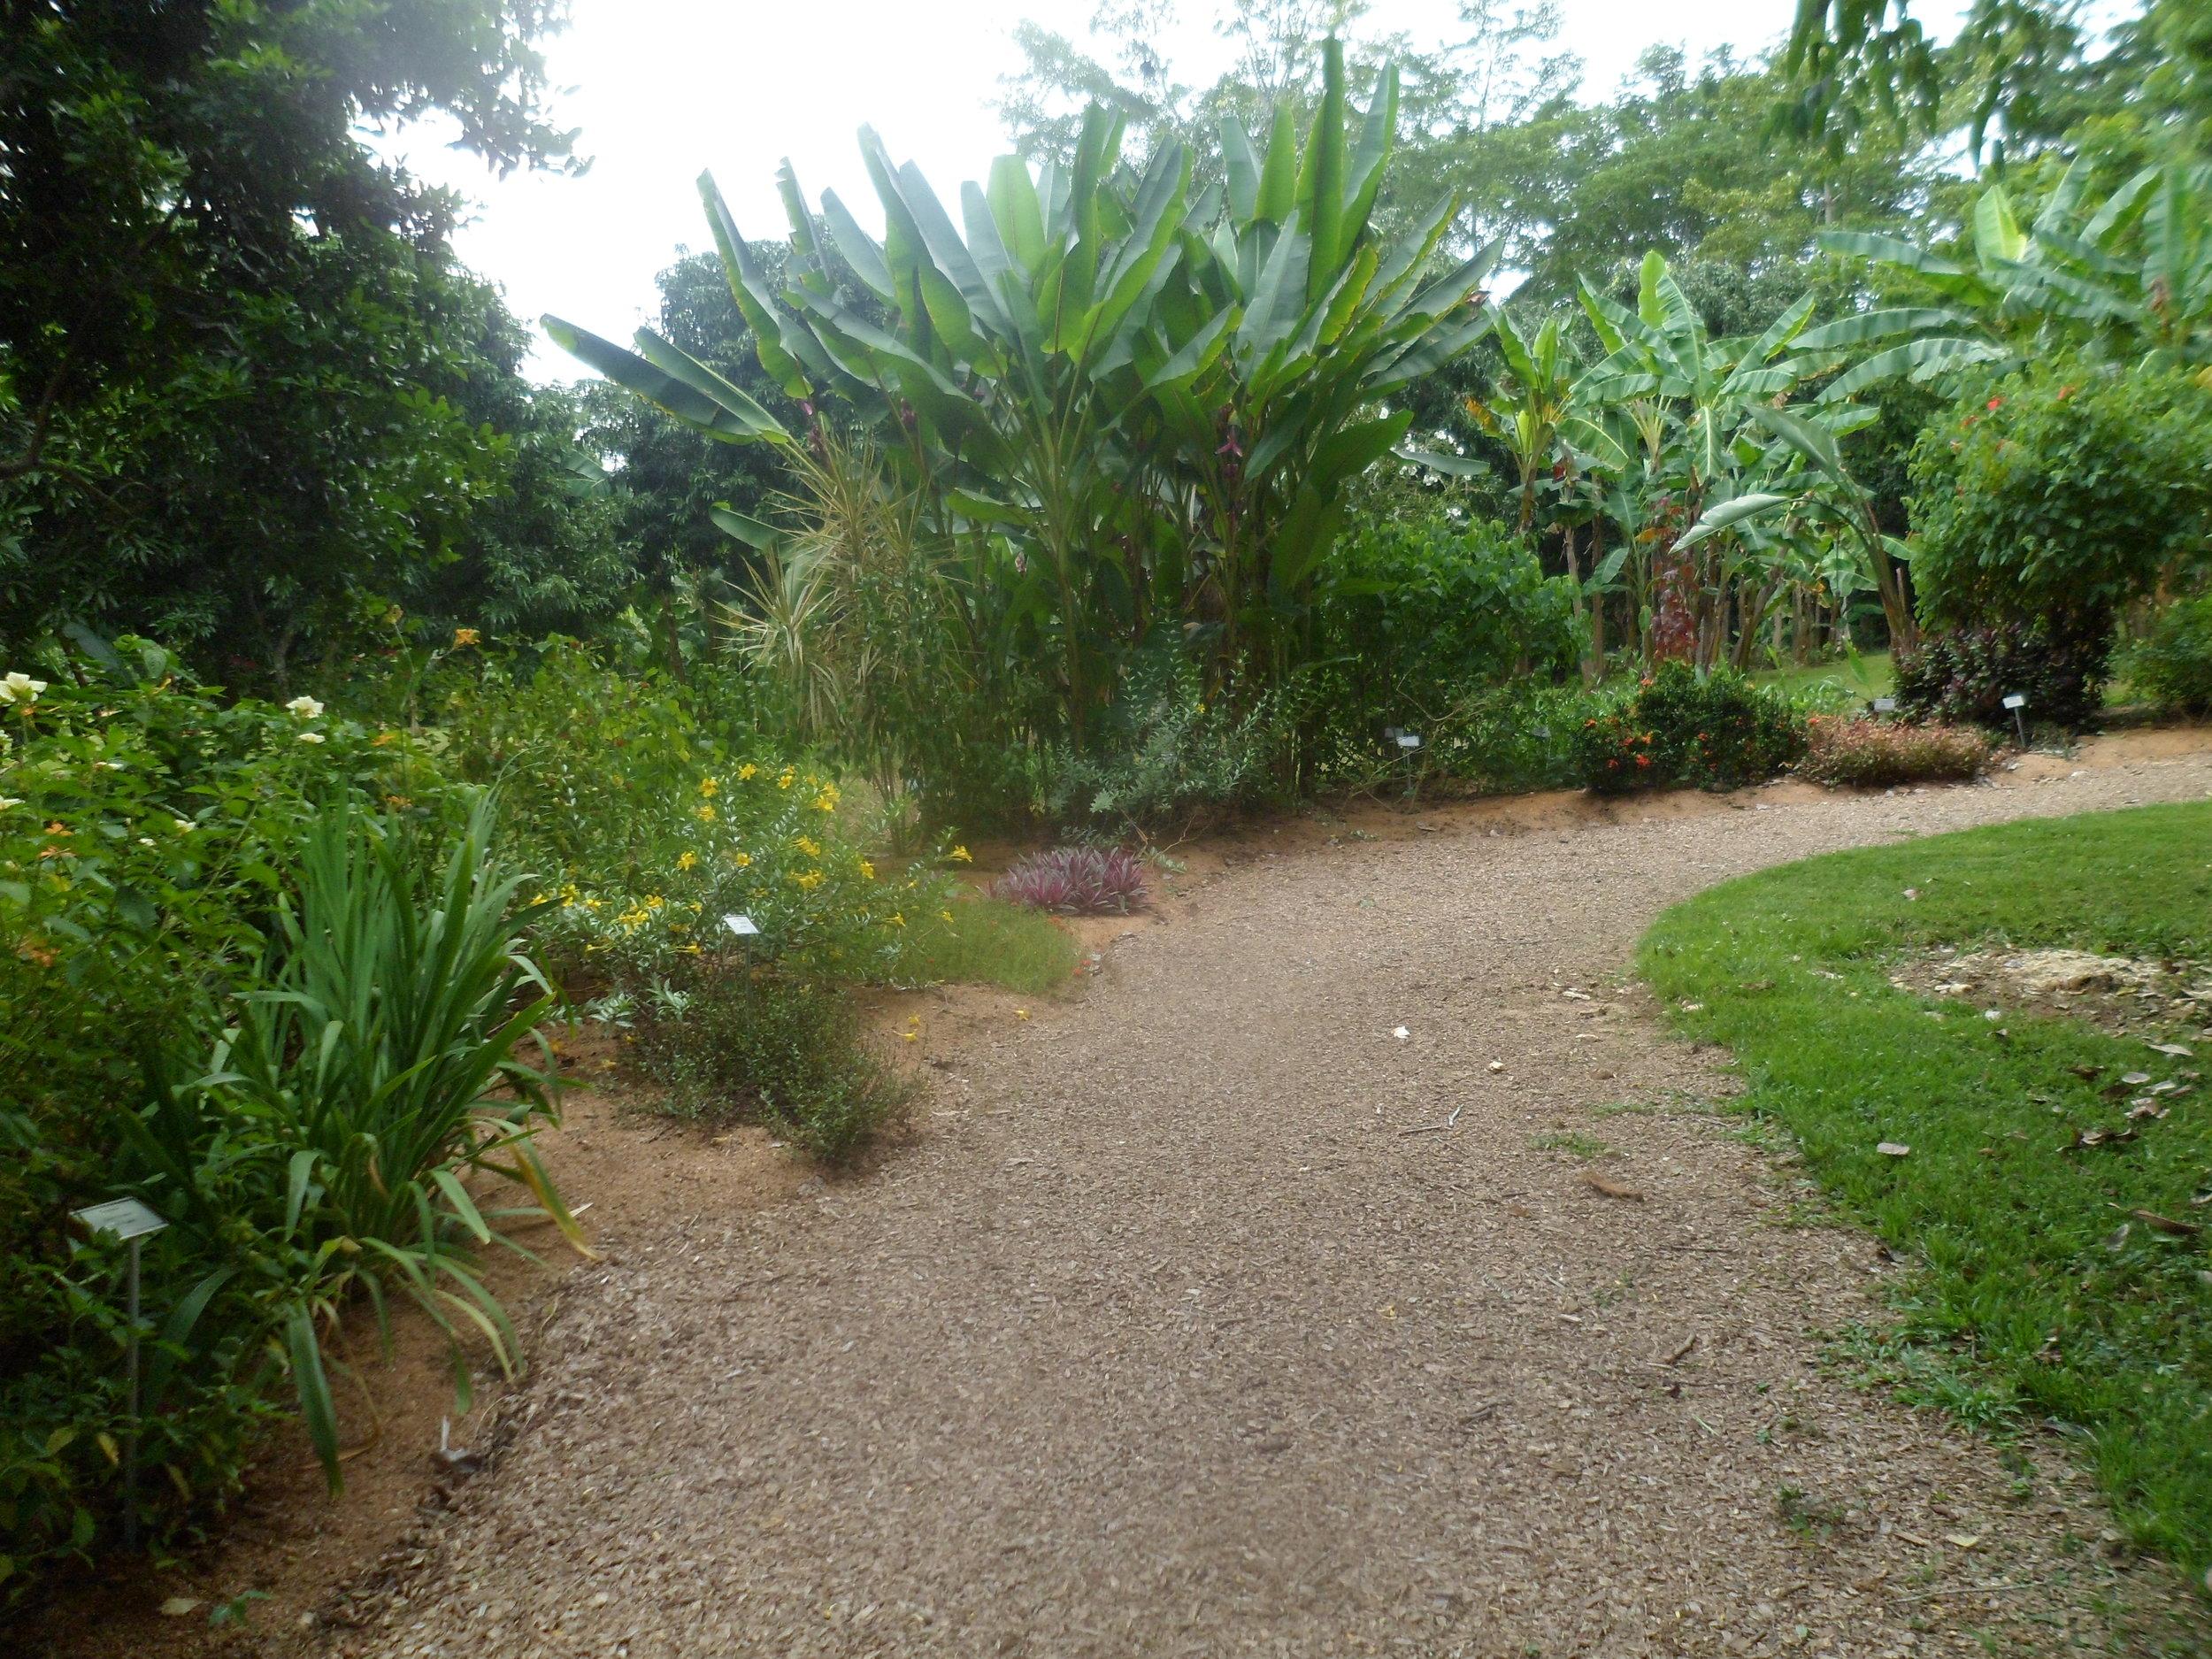 Jardin Botanico de Belice (10).JPG